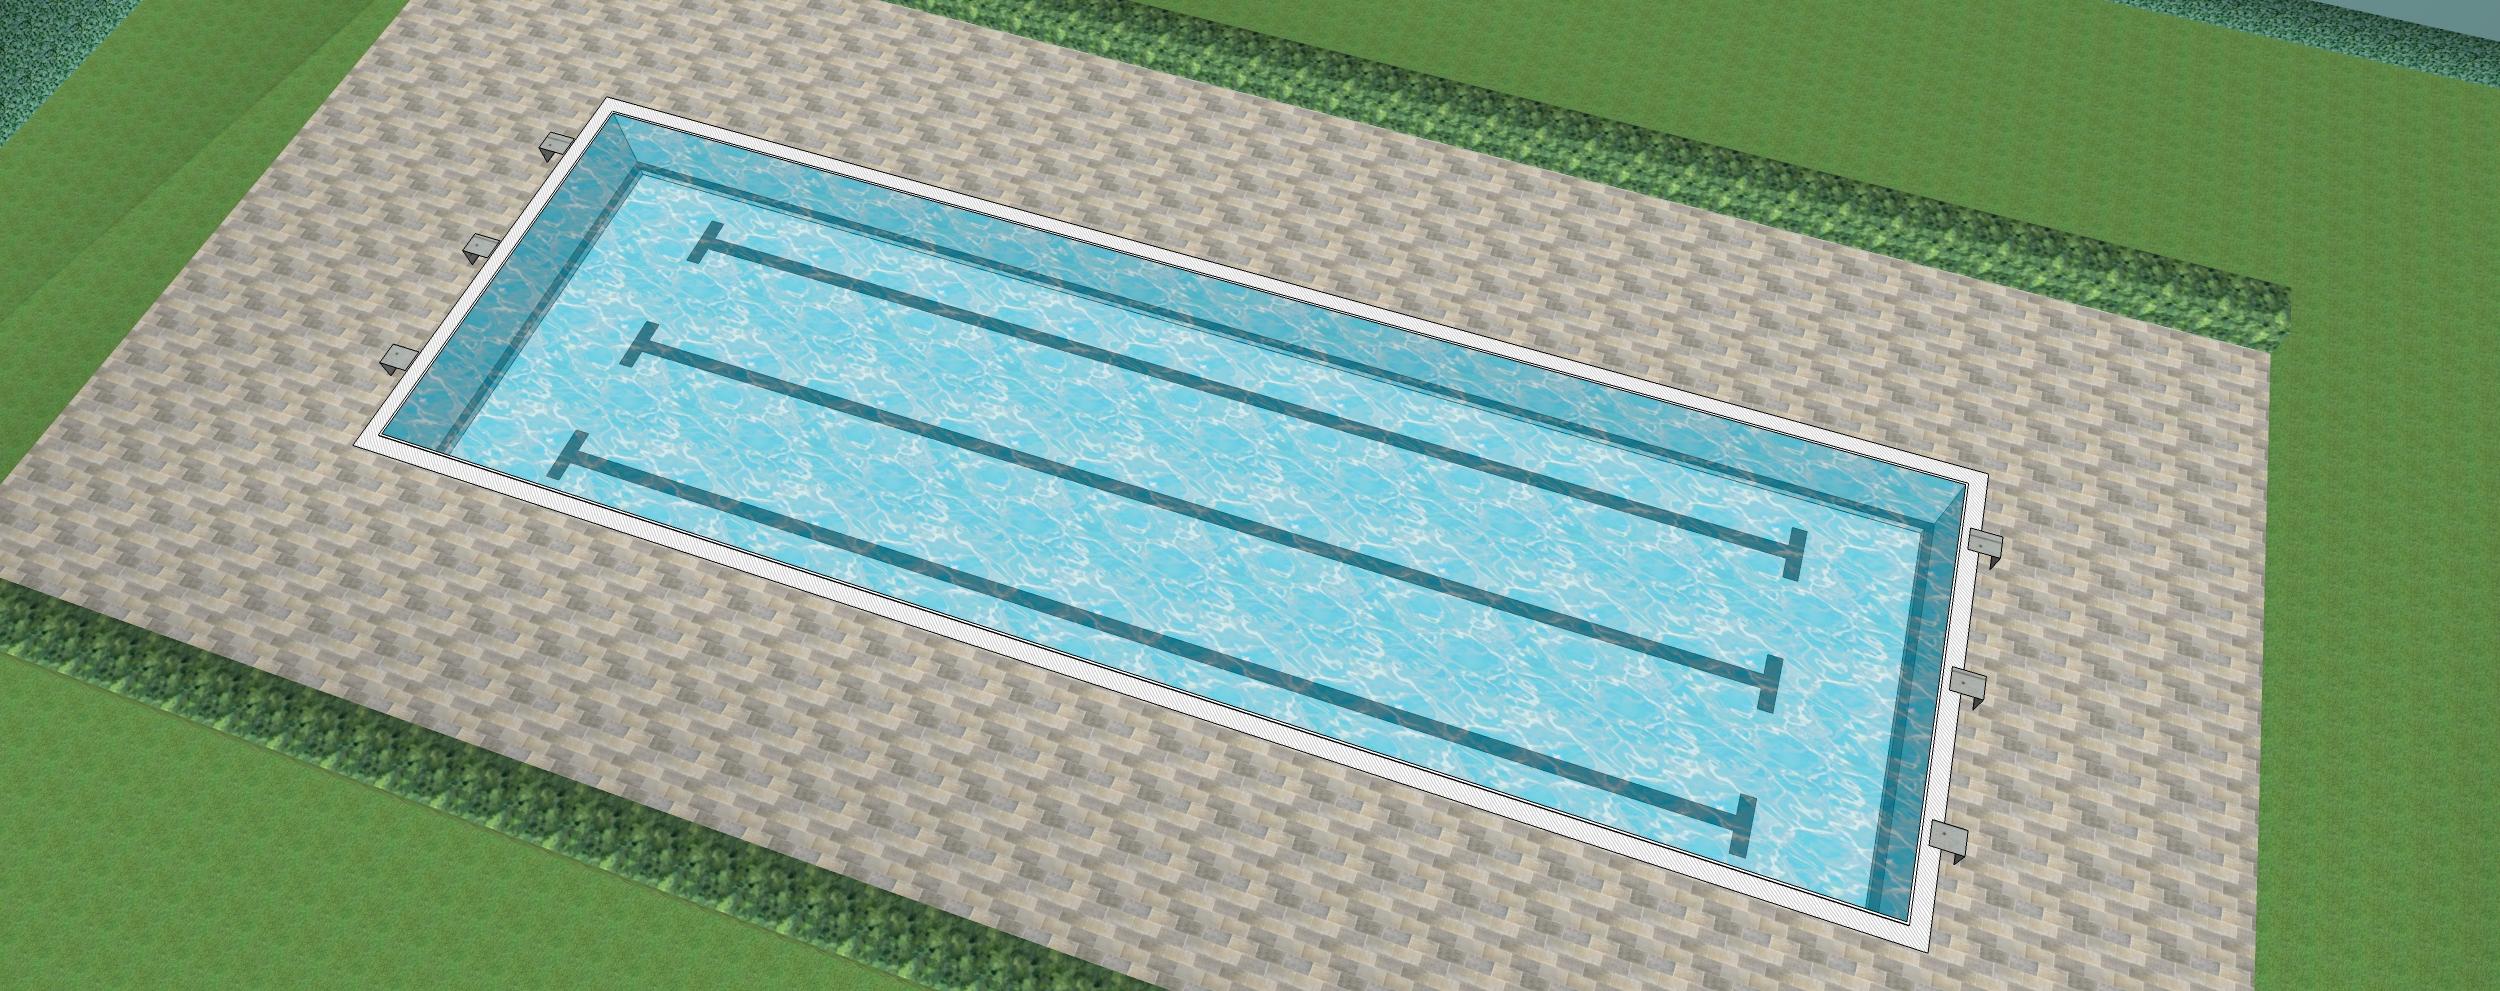 CAD ferner eines 25 m x 7,5 Schwimmerbeckens